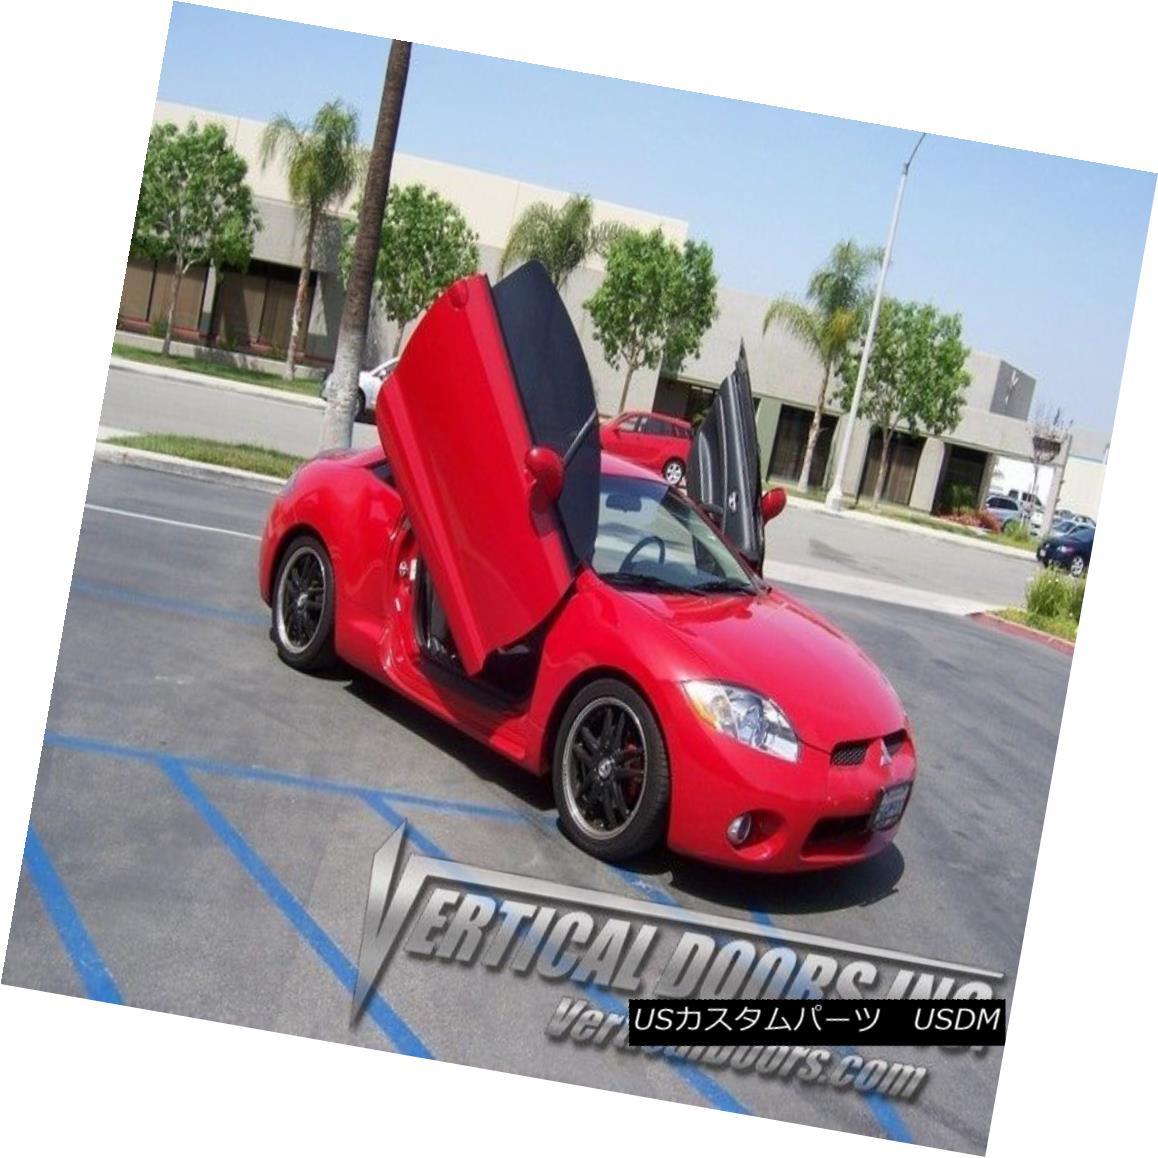 ガルウィングキット Mitsubishi Eclipse 06-12 Lambo Door Conversion Kit by Vertical Doors Inc 三菱Eclipse 06-12ランボルフトドアコンバージョンキット(Vertical Doors Inc)